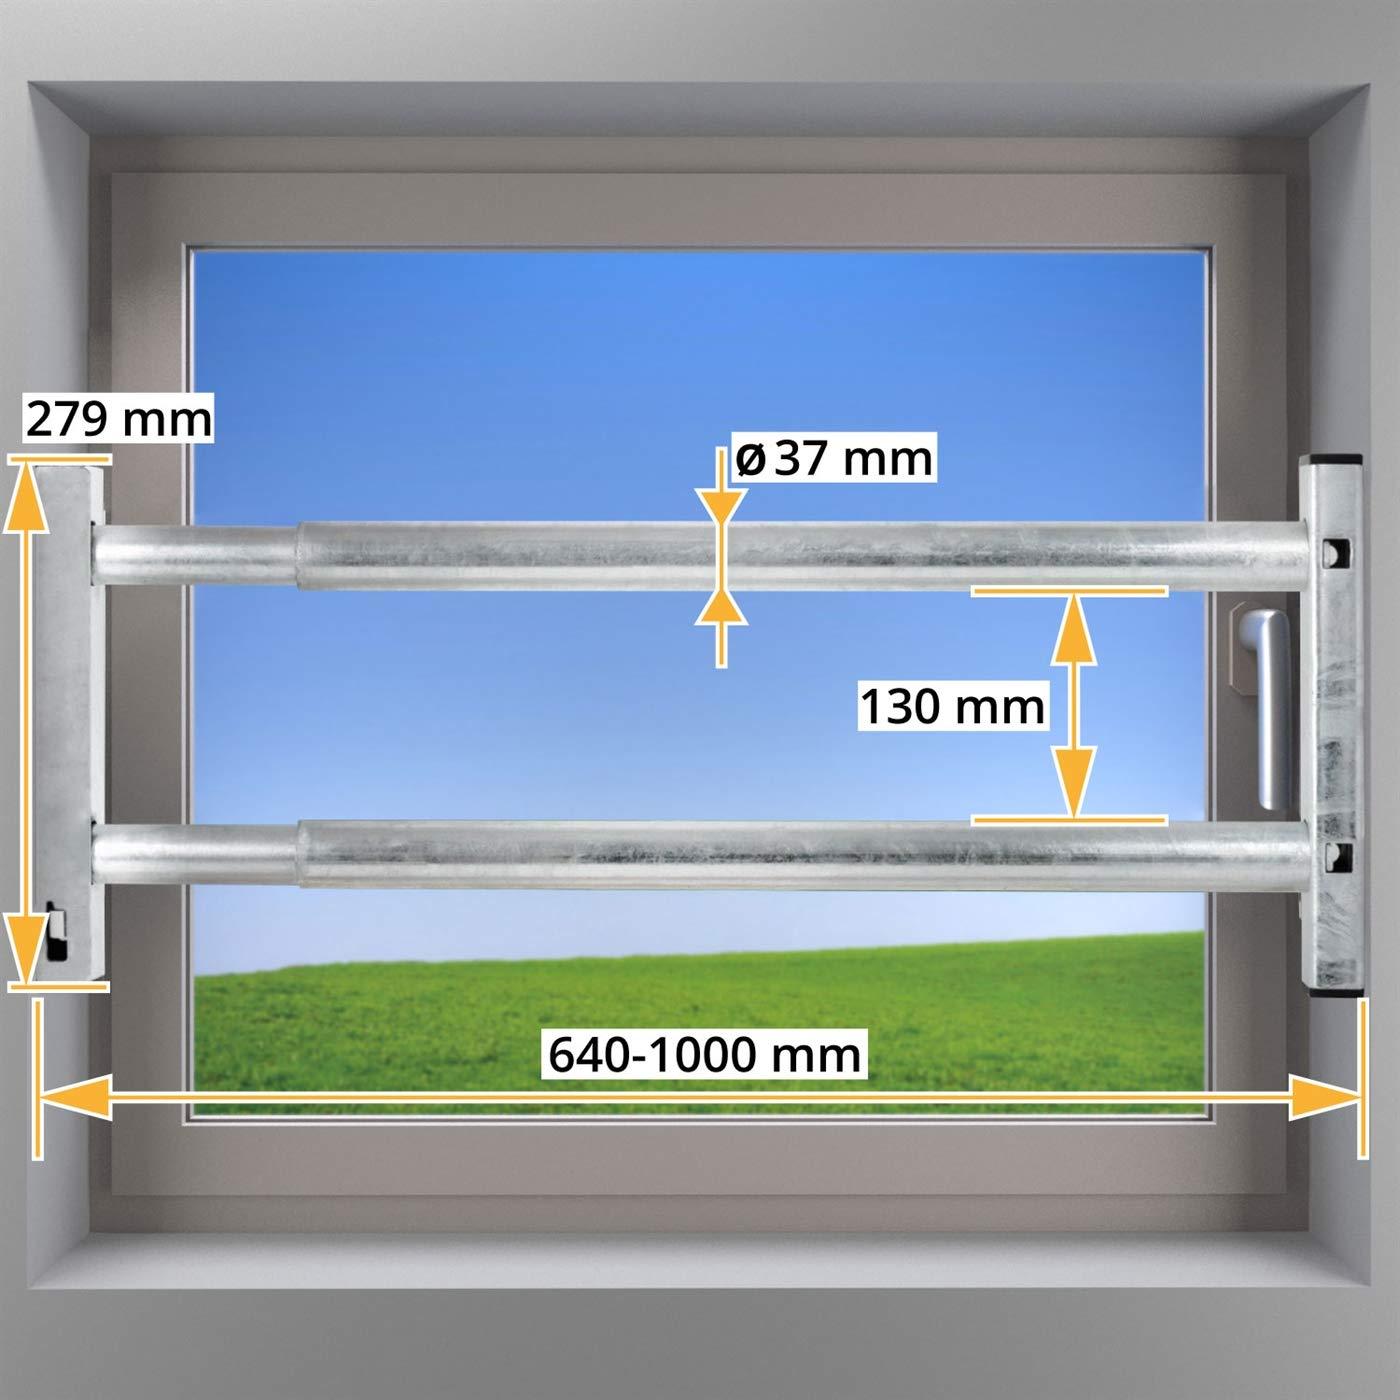 VOSS Fenstersicherung Sicherungsstange T/ürsicherung Einbruchschutz 2Fach 640-1000mm